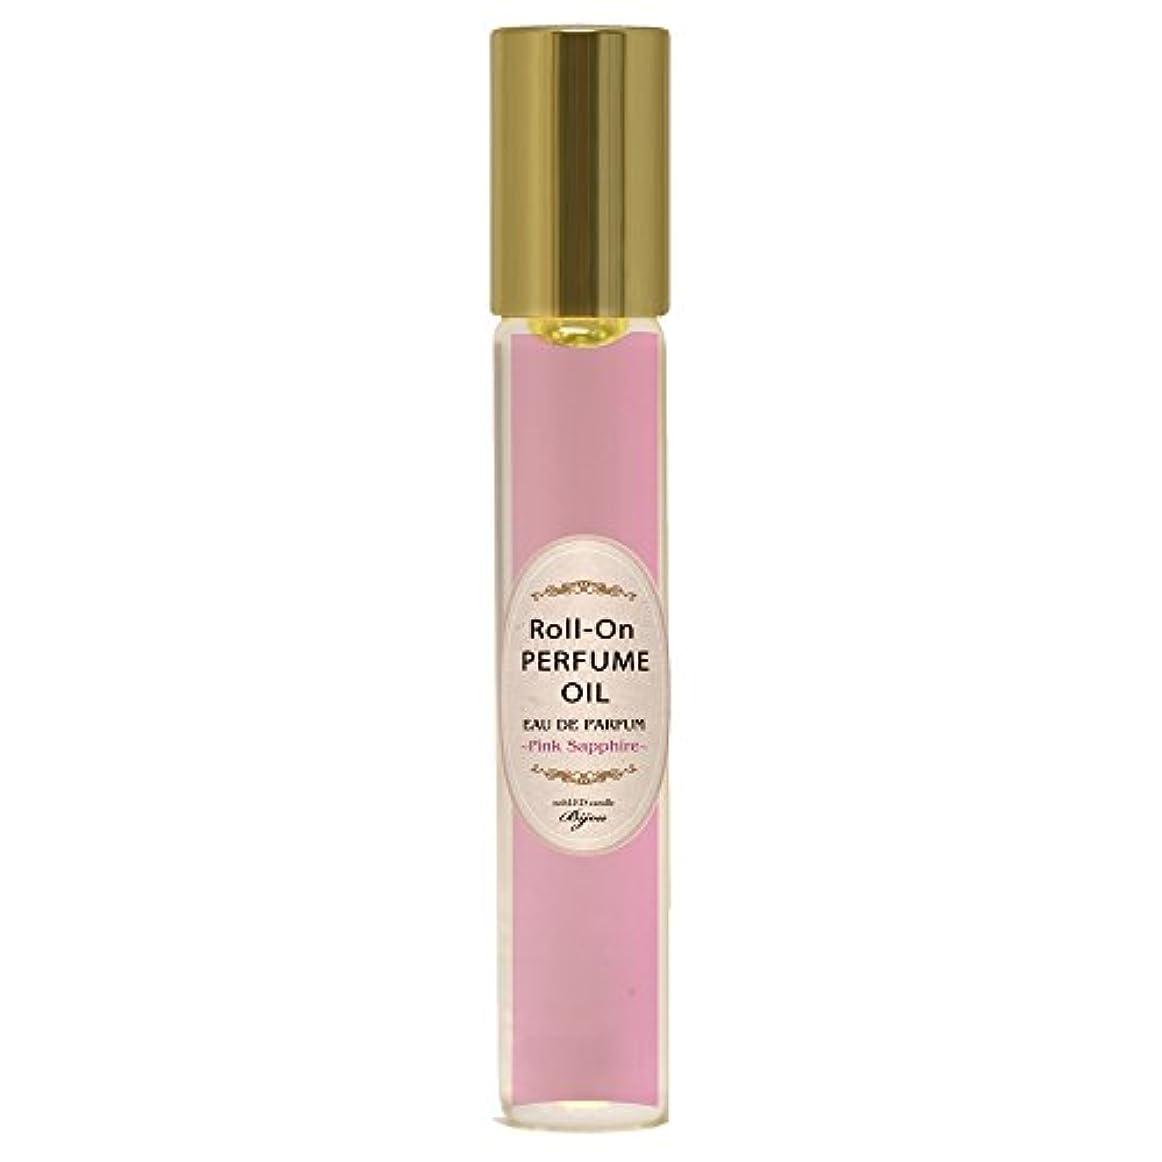 公使館種をまくポスターnobLED candle Bijou ロールオンパフュームオイル ピンクサファイア Pink Sapphire Roll-On PERFUME OIL ノーブレッド キャンドル ビジュー